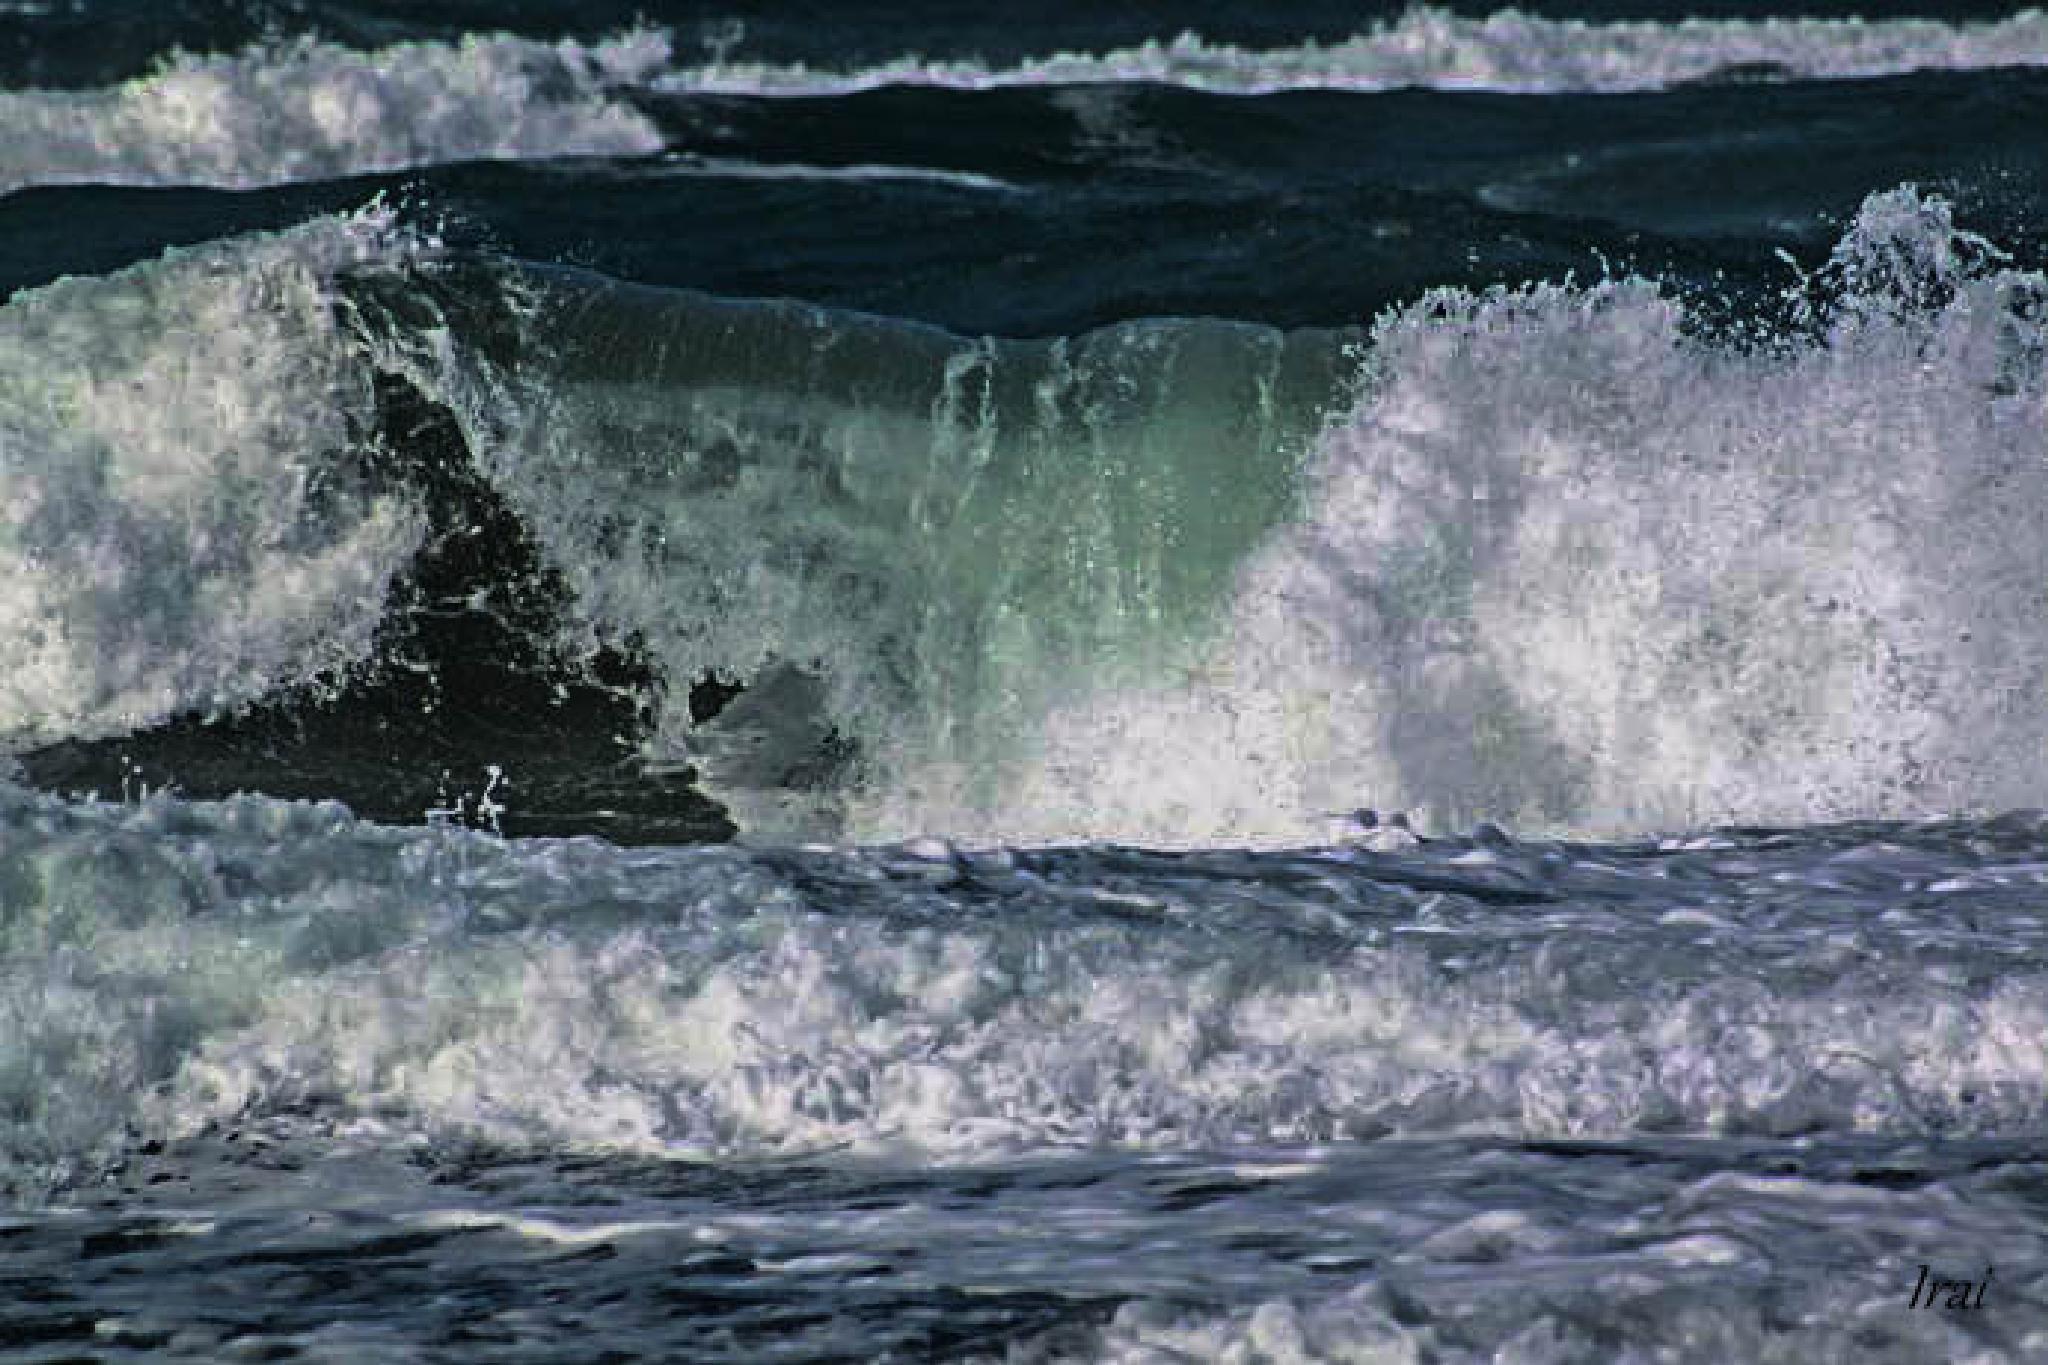 Waves II by Irai